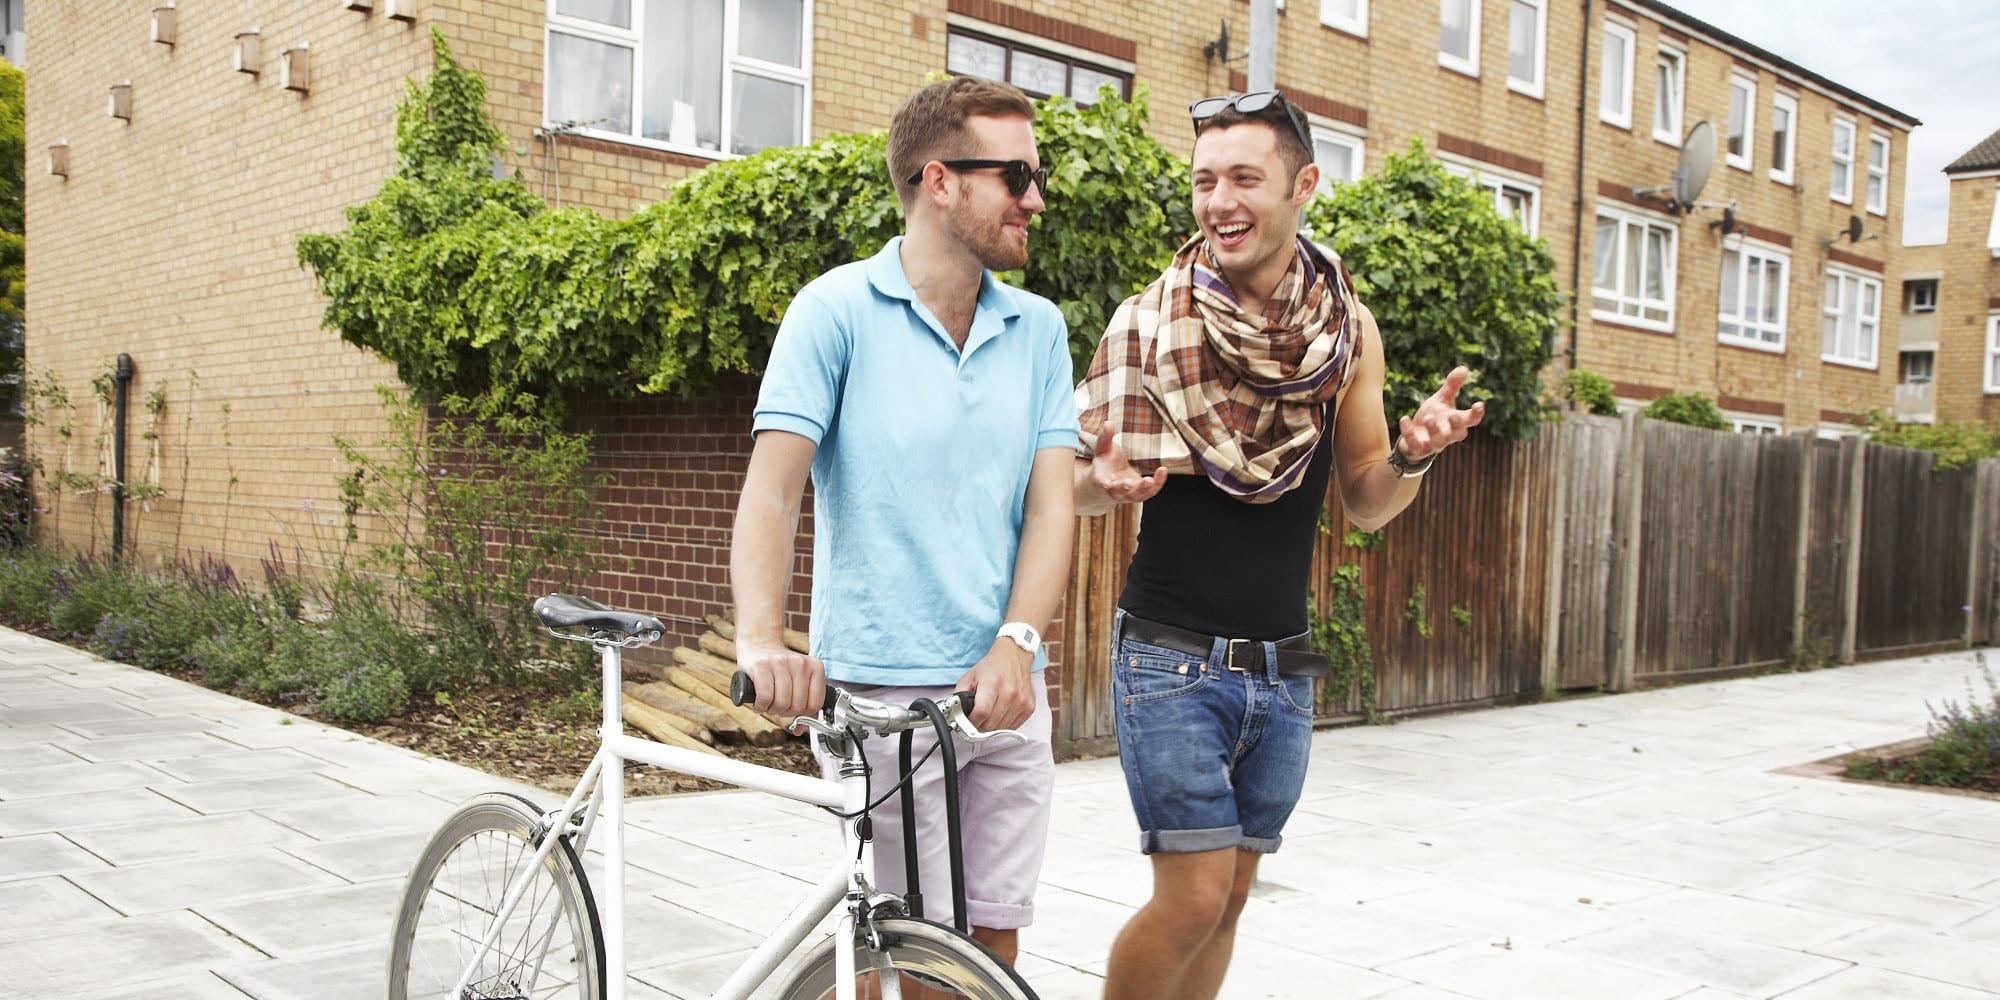 Poster une annonce gay est devenu très en vogue ces derniers temps